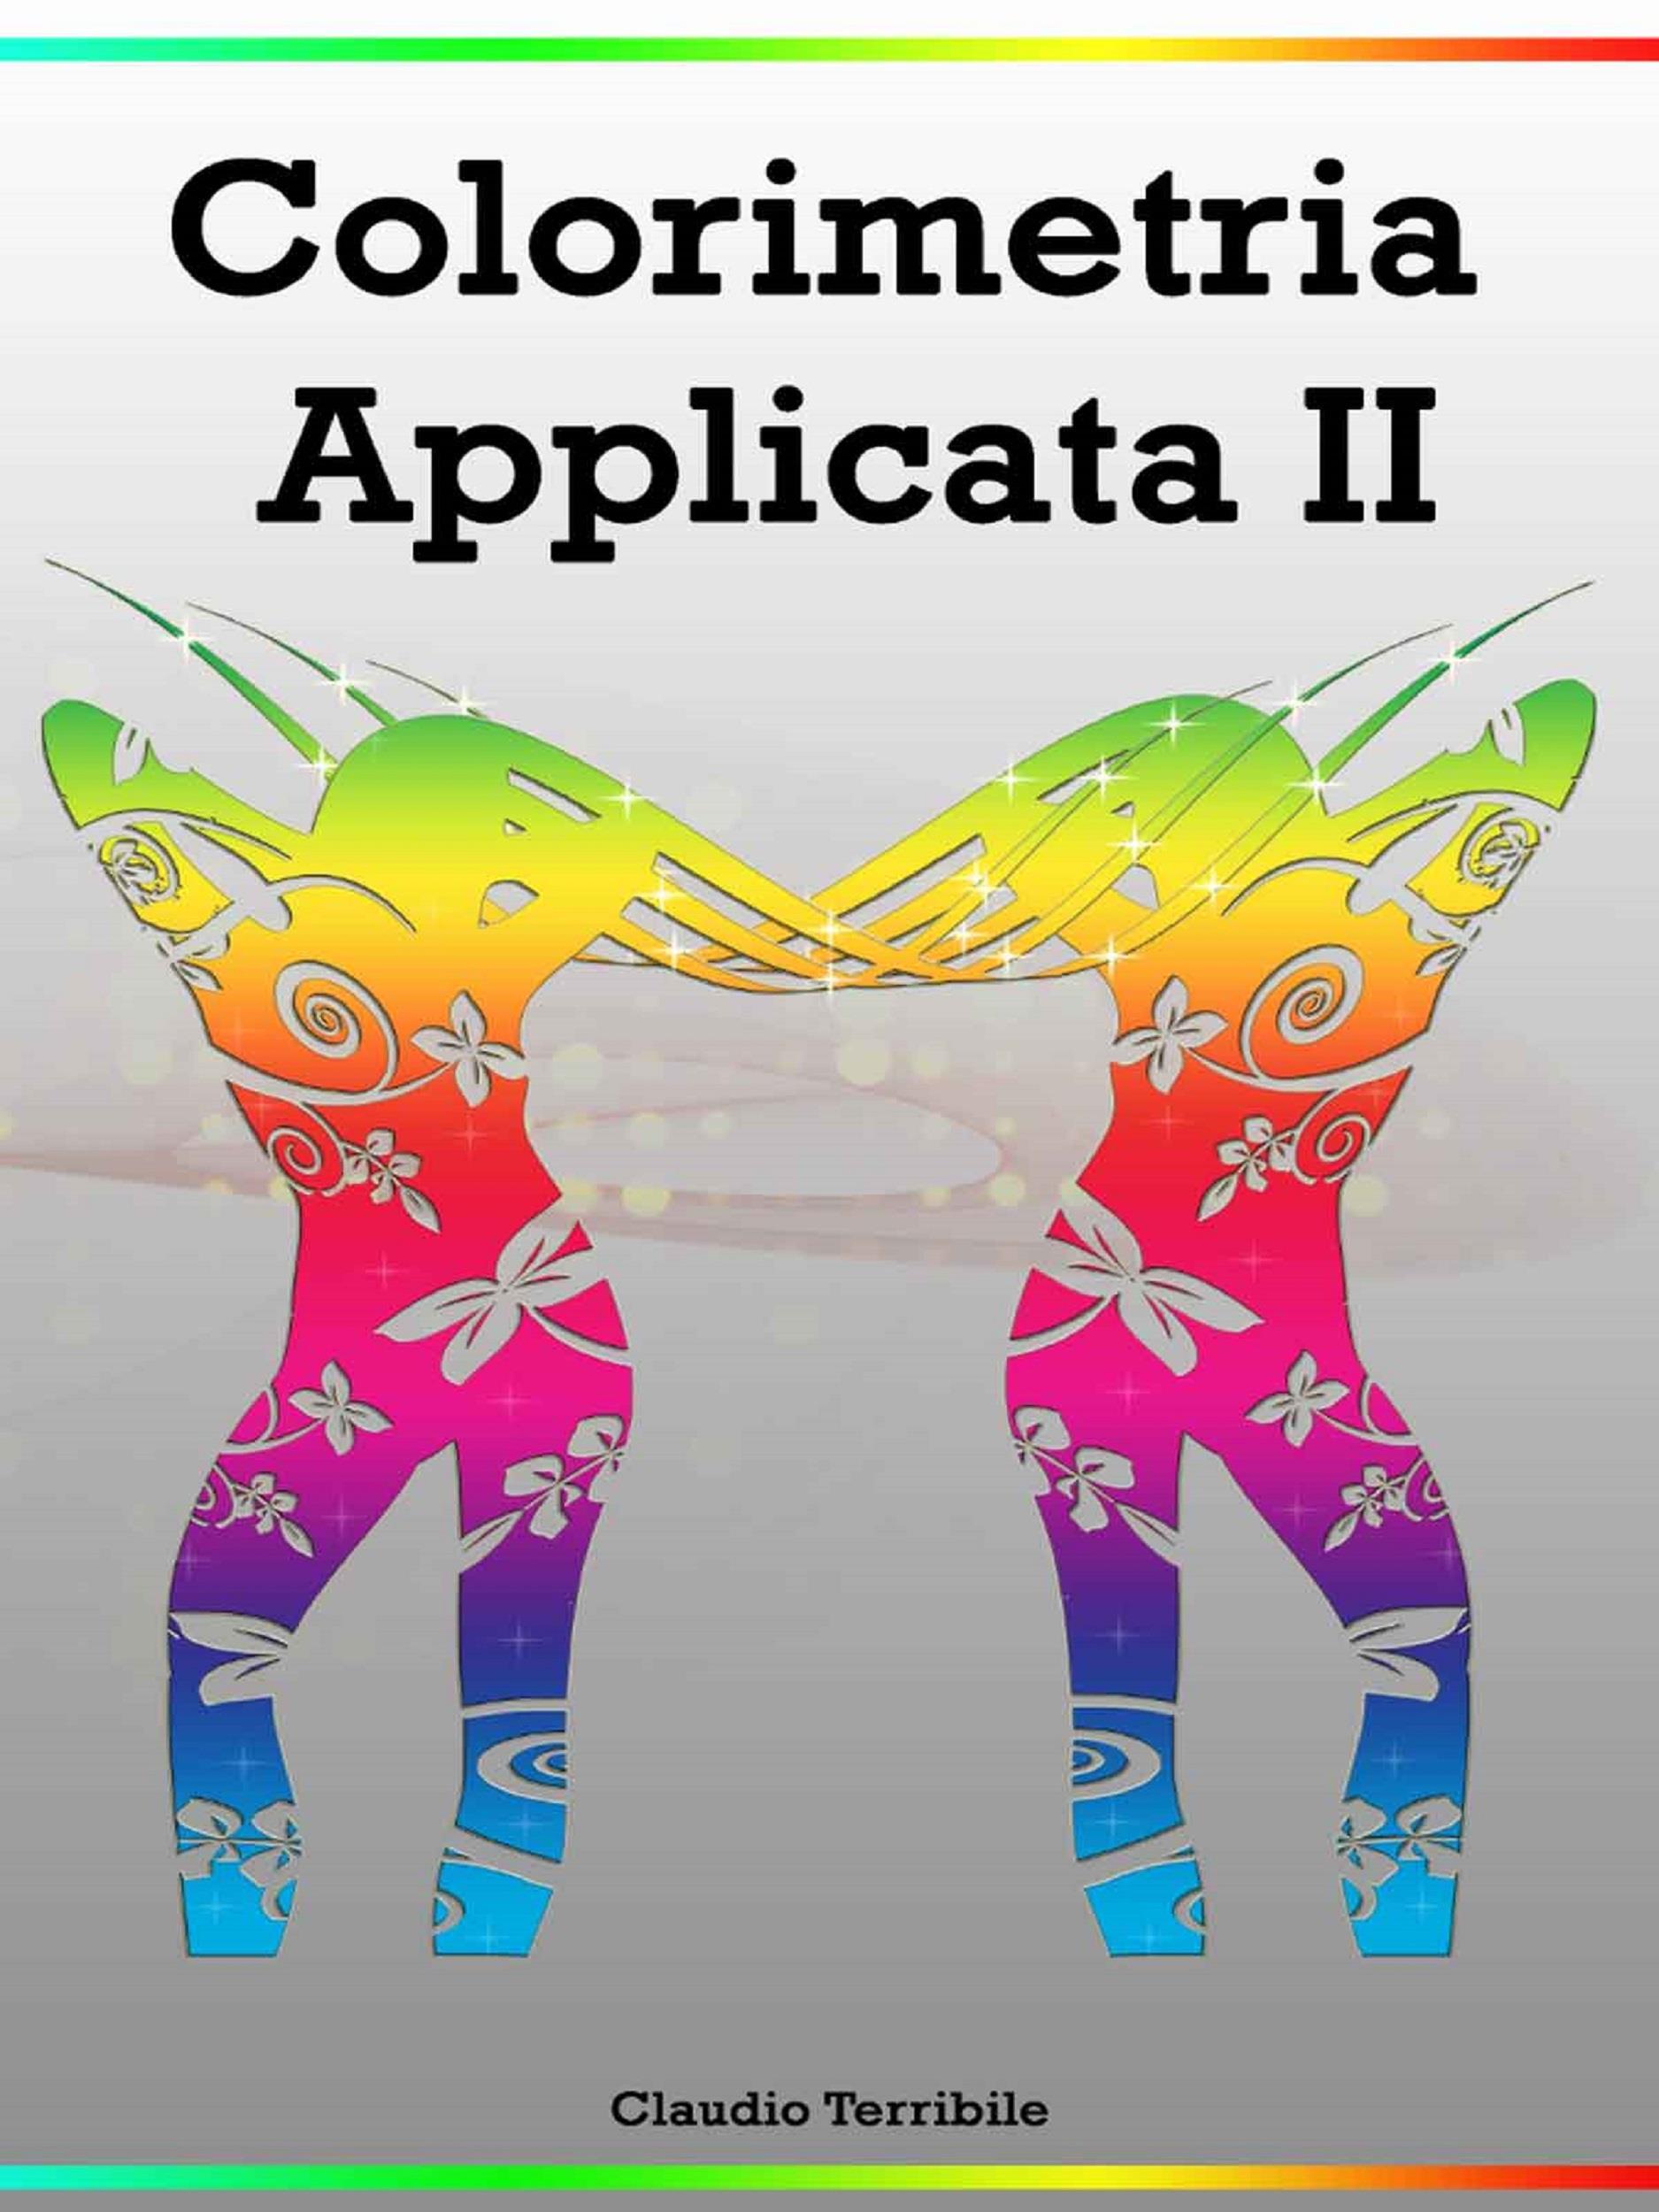 Colorimetria Applicata 2